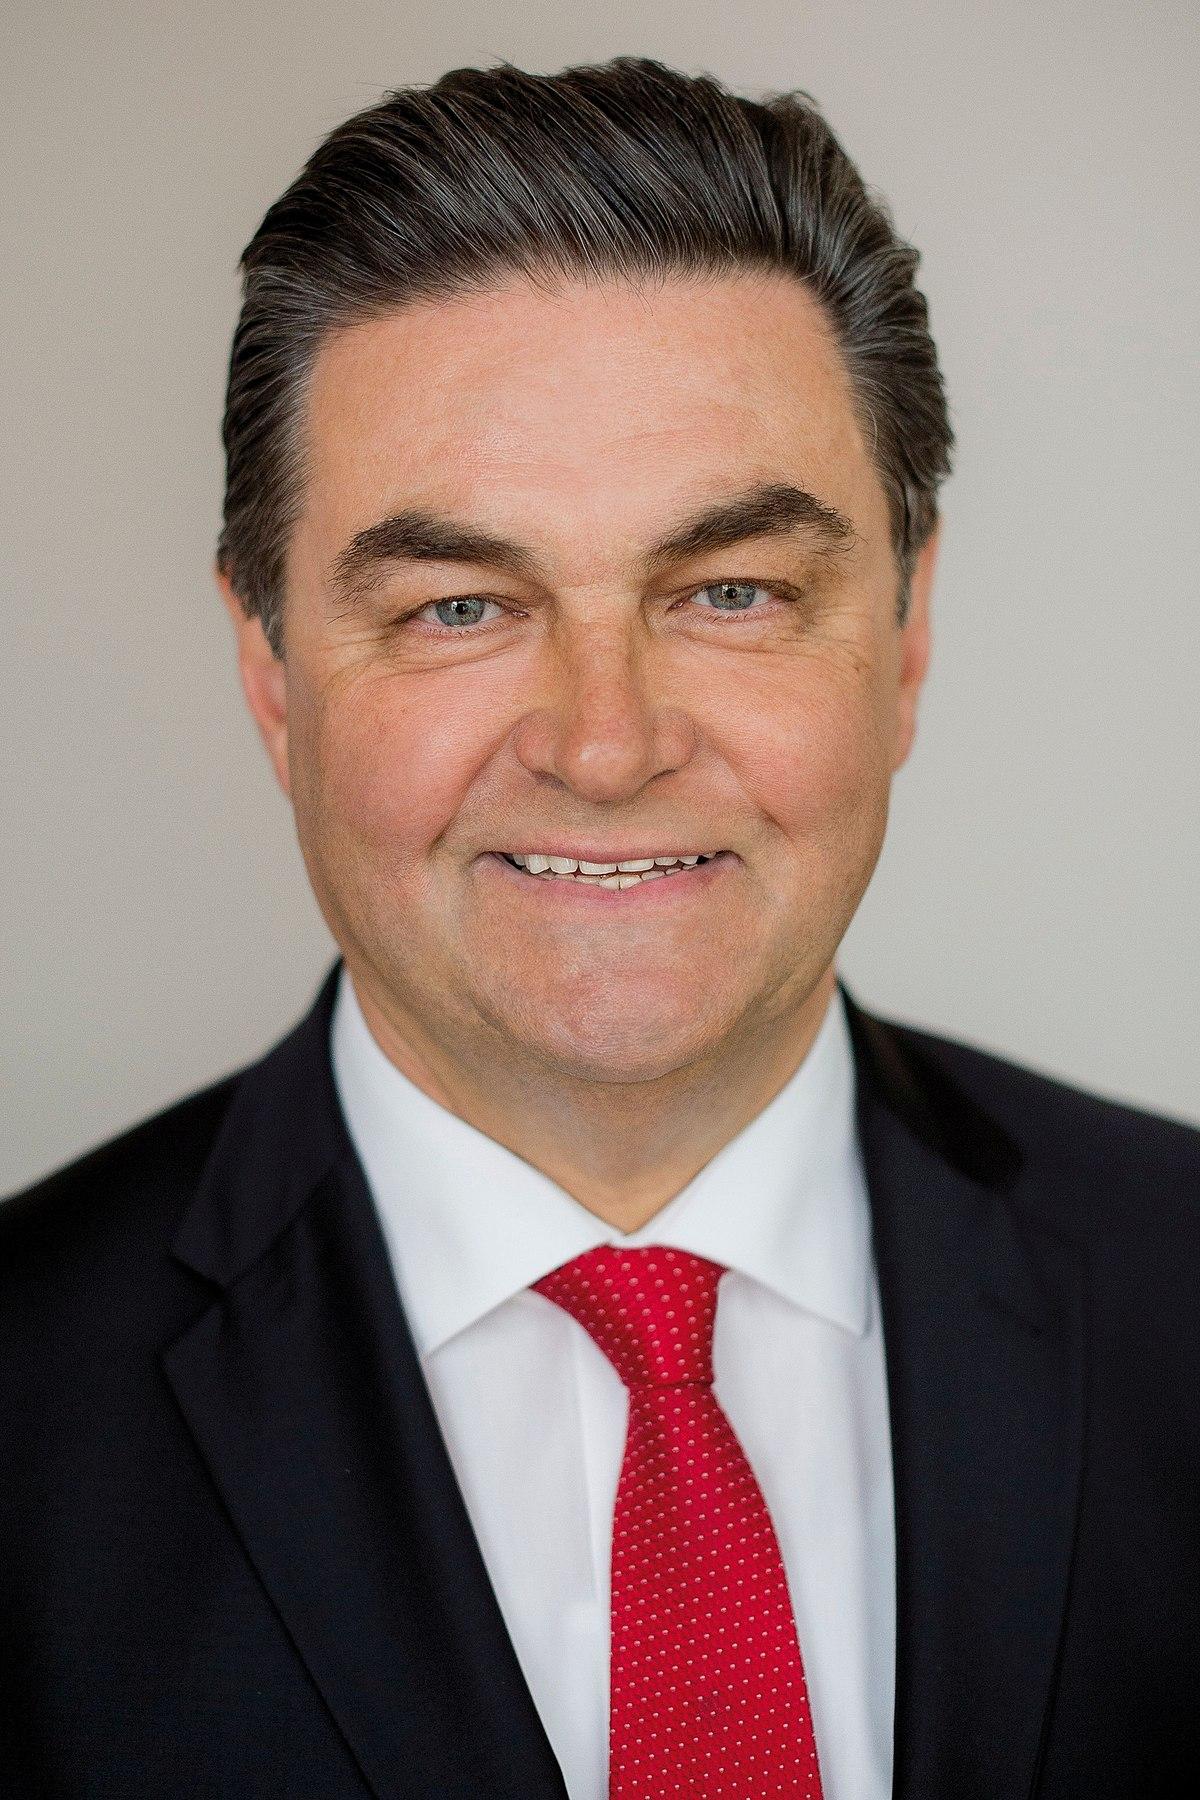 Klaus Herzig